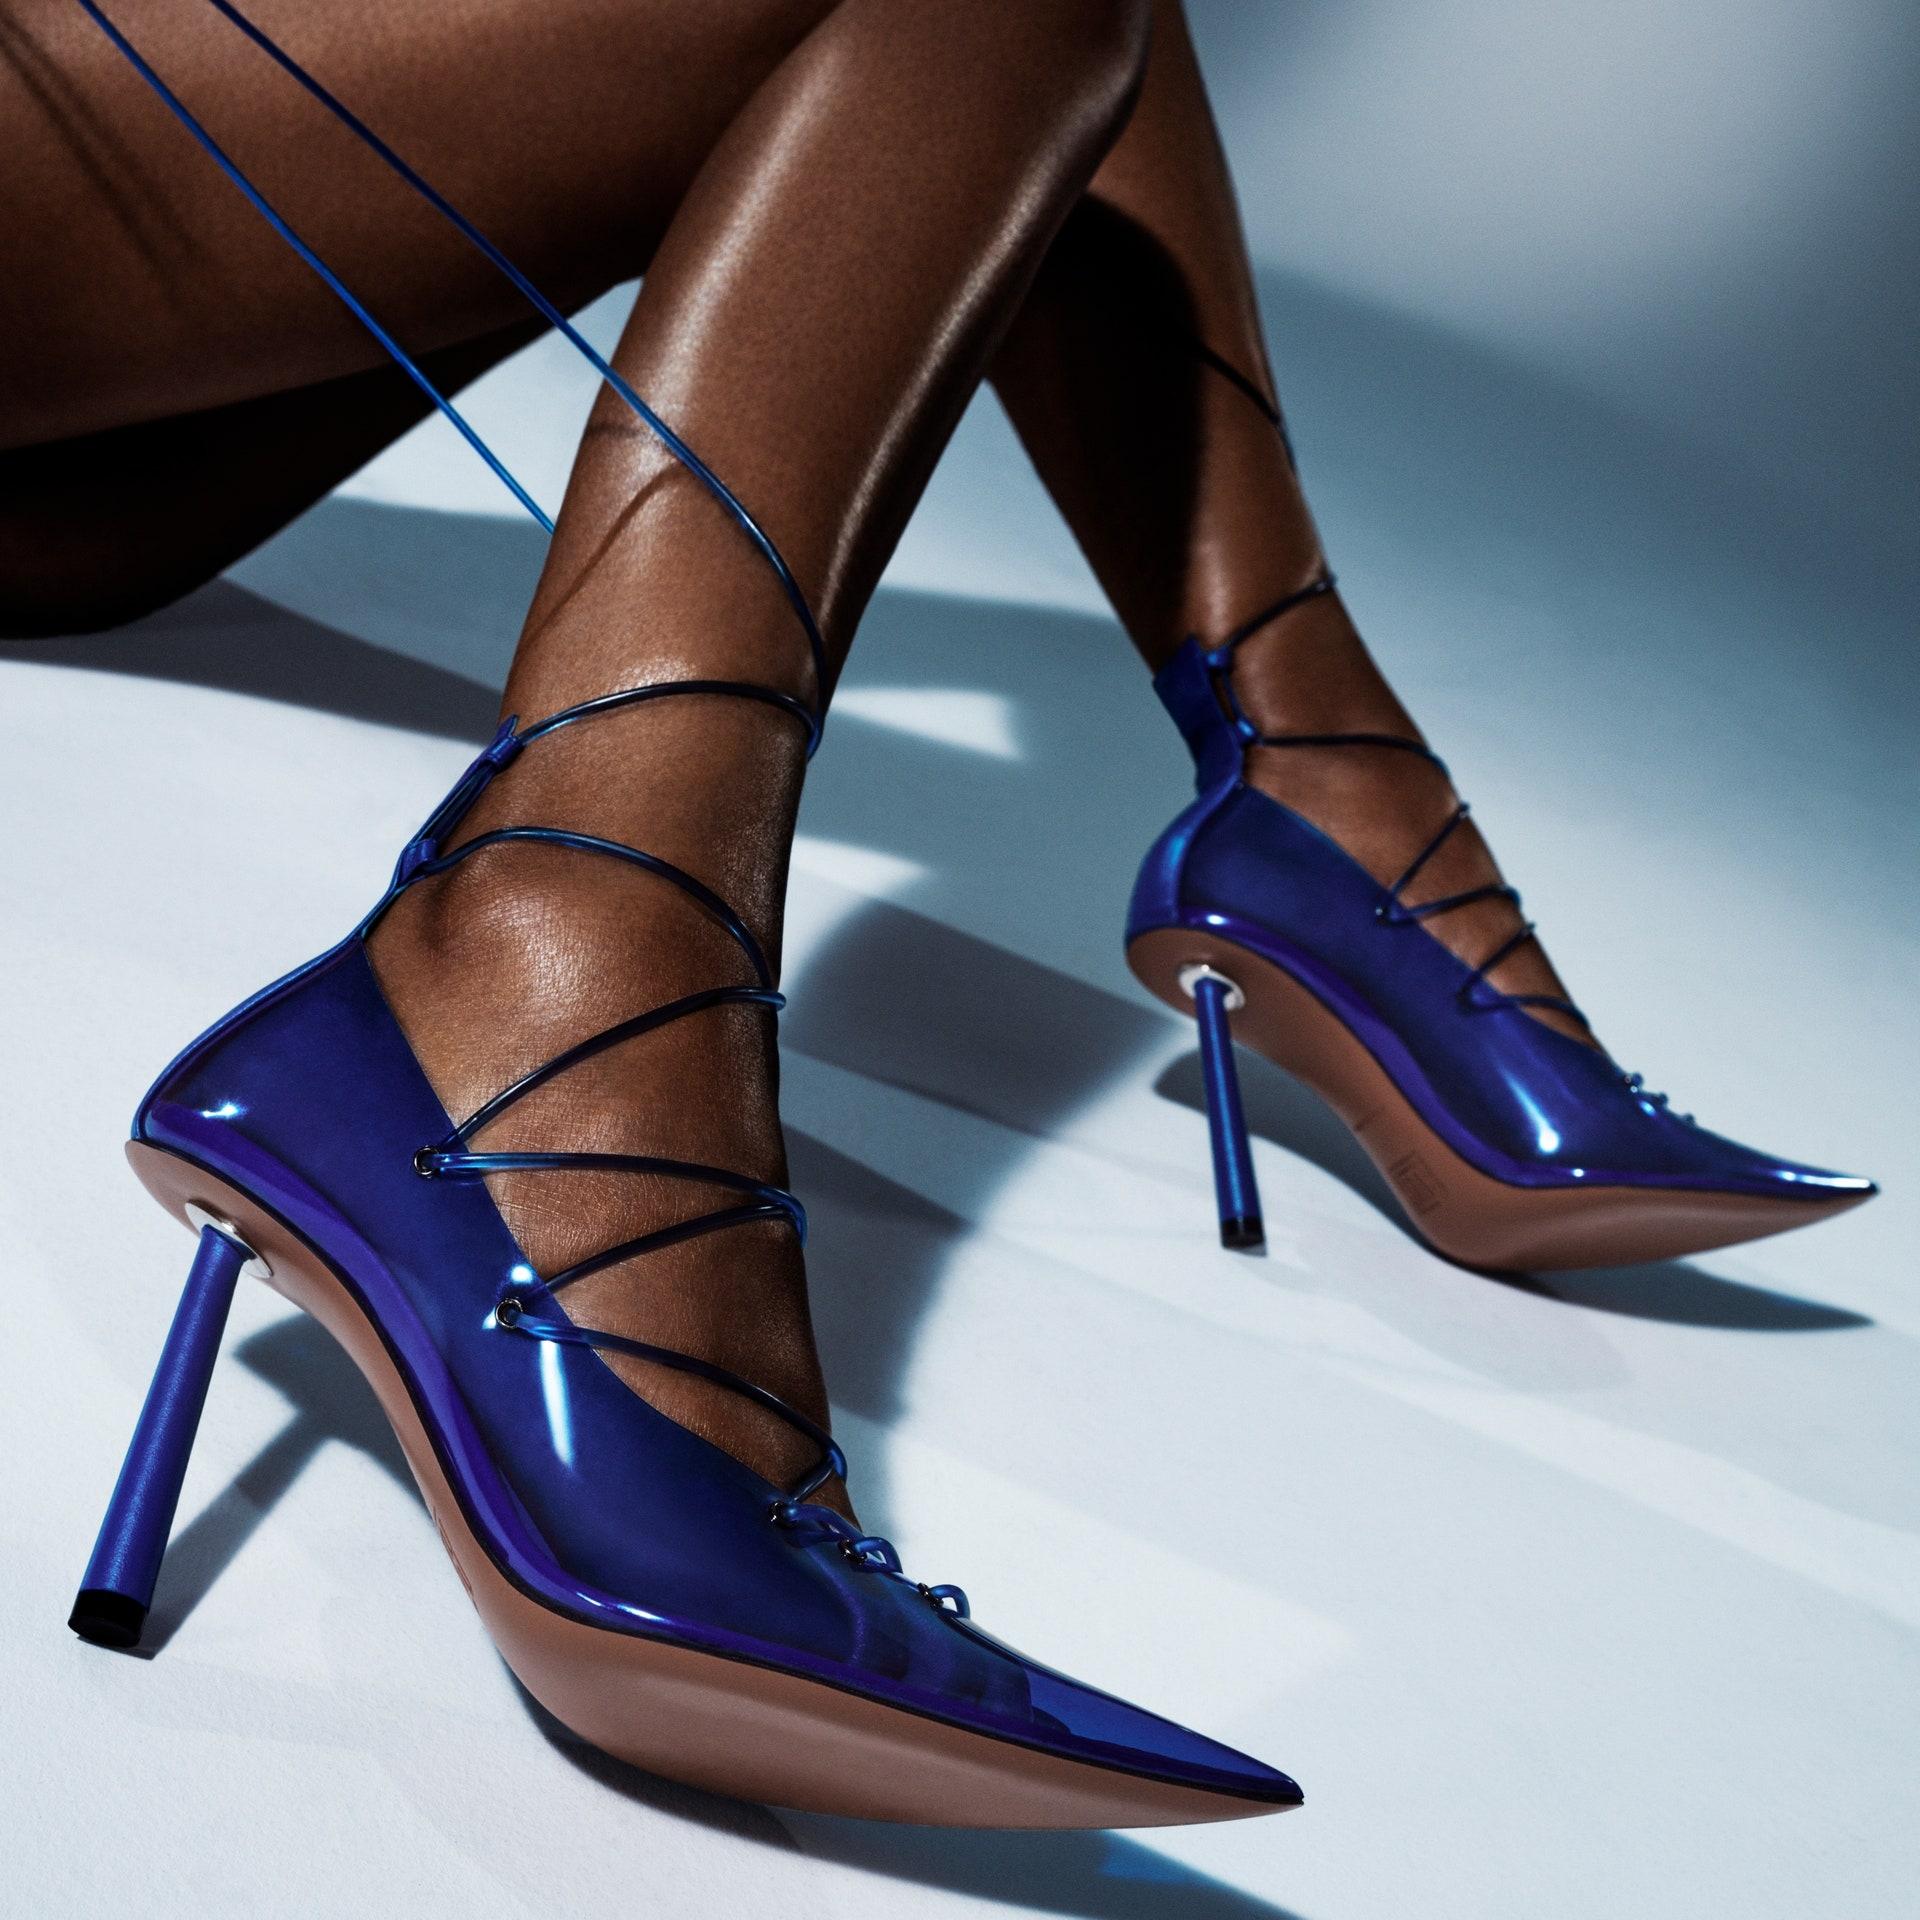 Дерзко и провокационно: Рианна выпустила коллекцию обуви вместе с дизайнером Аминой Муадди (ФОТО) - фото №1